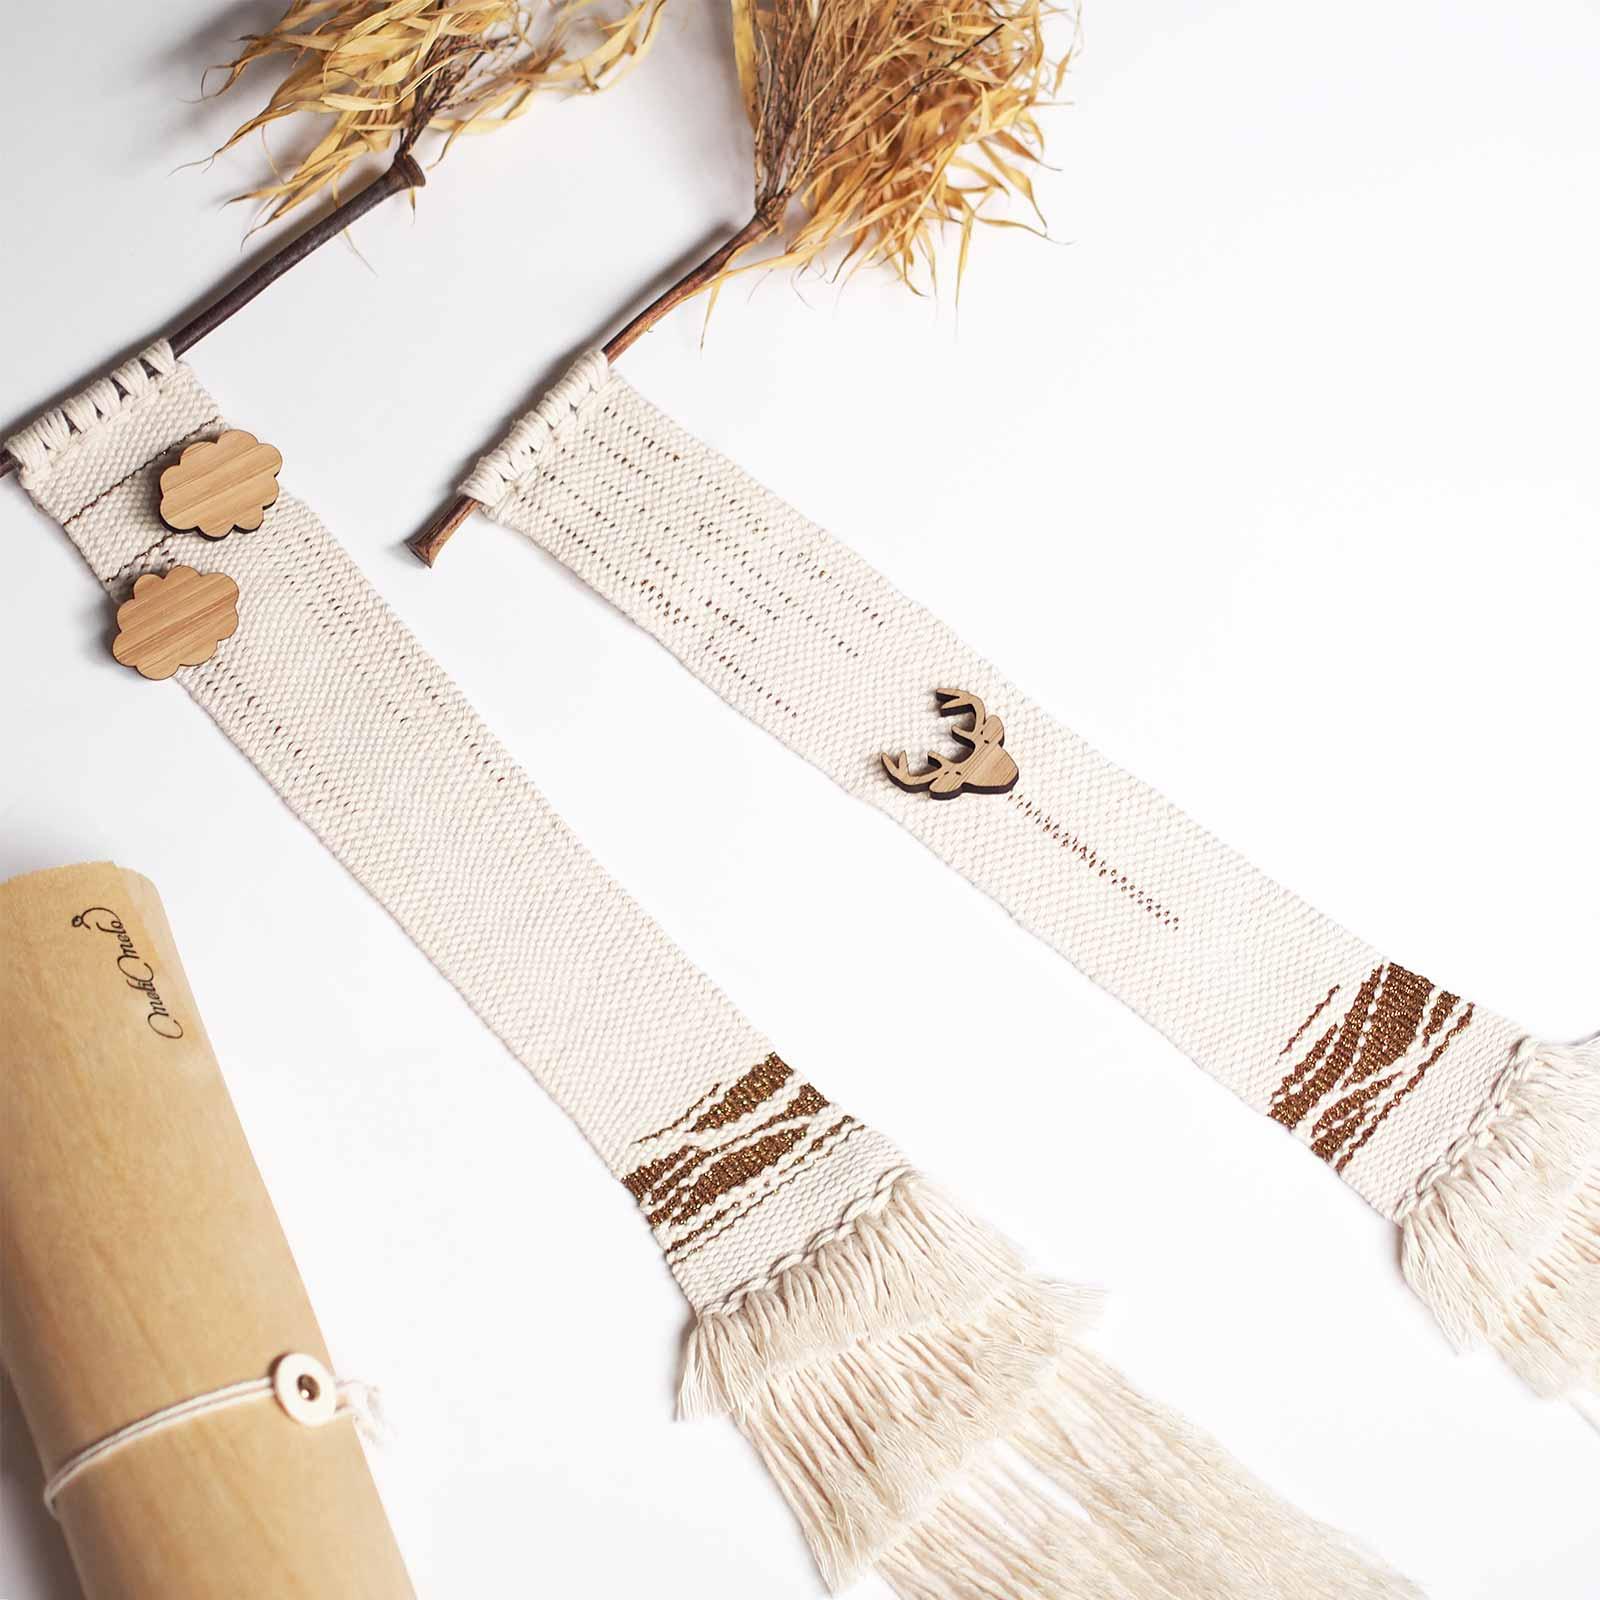 tissage coton Pluie d'or écrin laboutiquedemelimelo